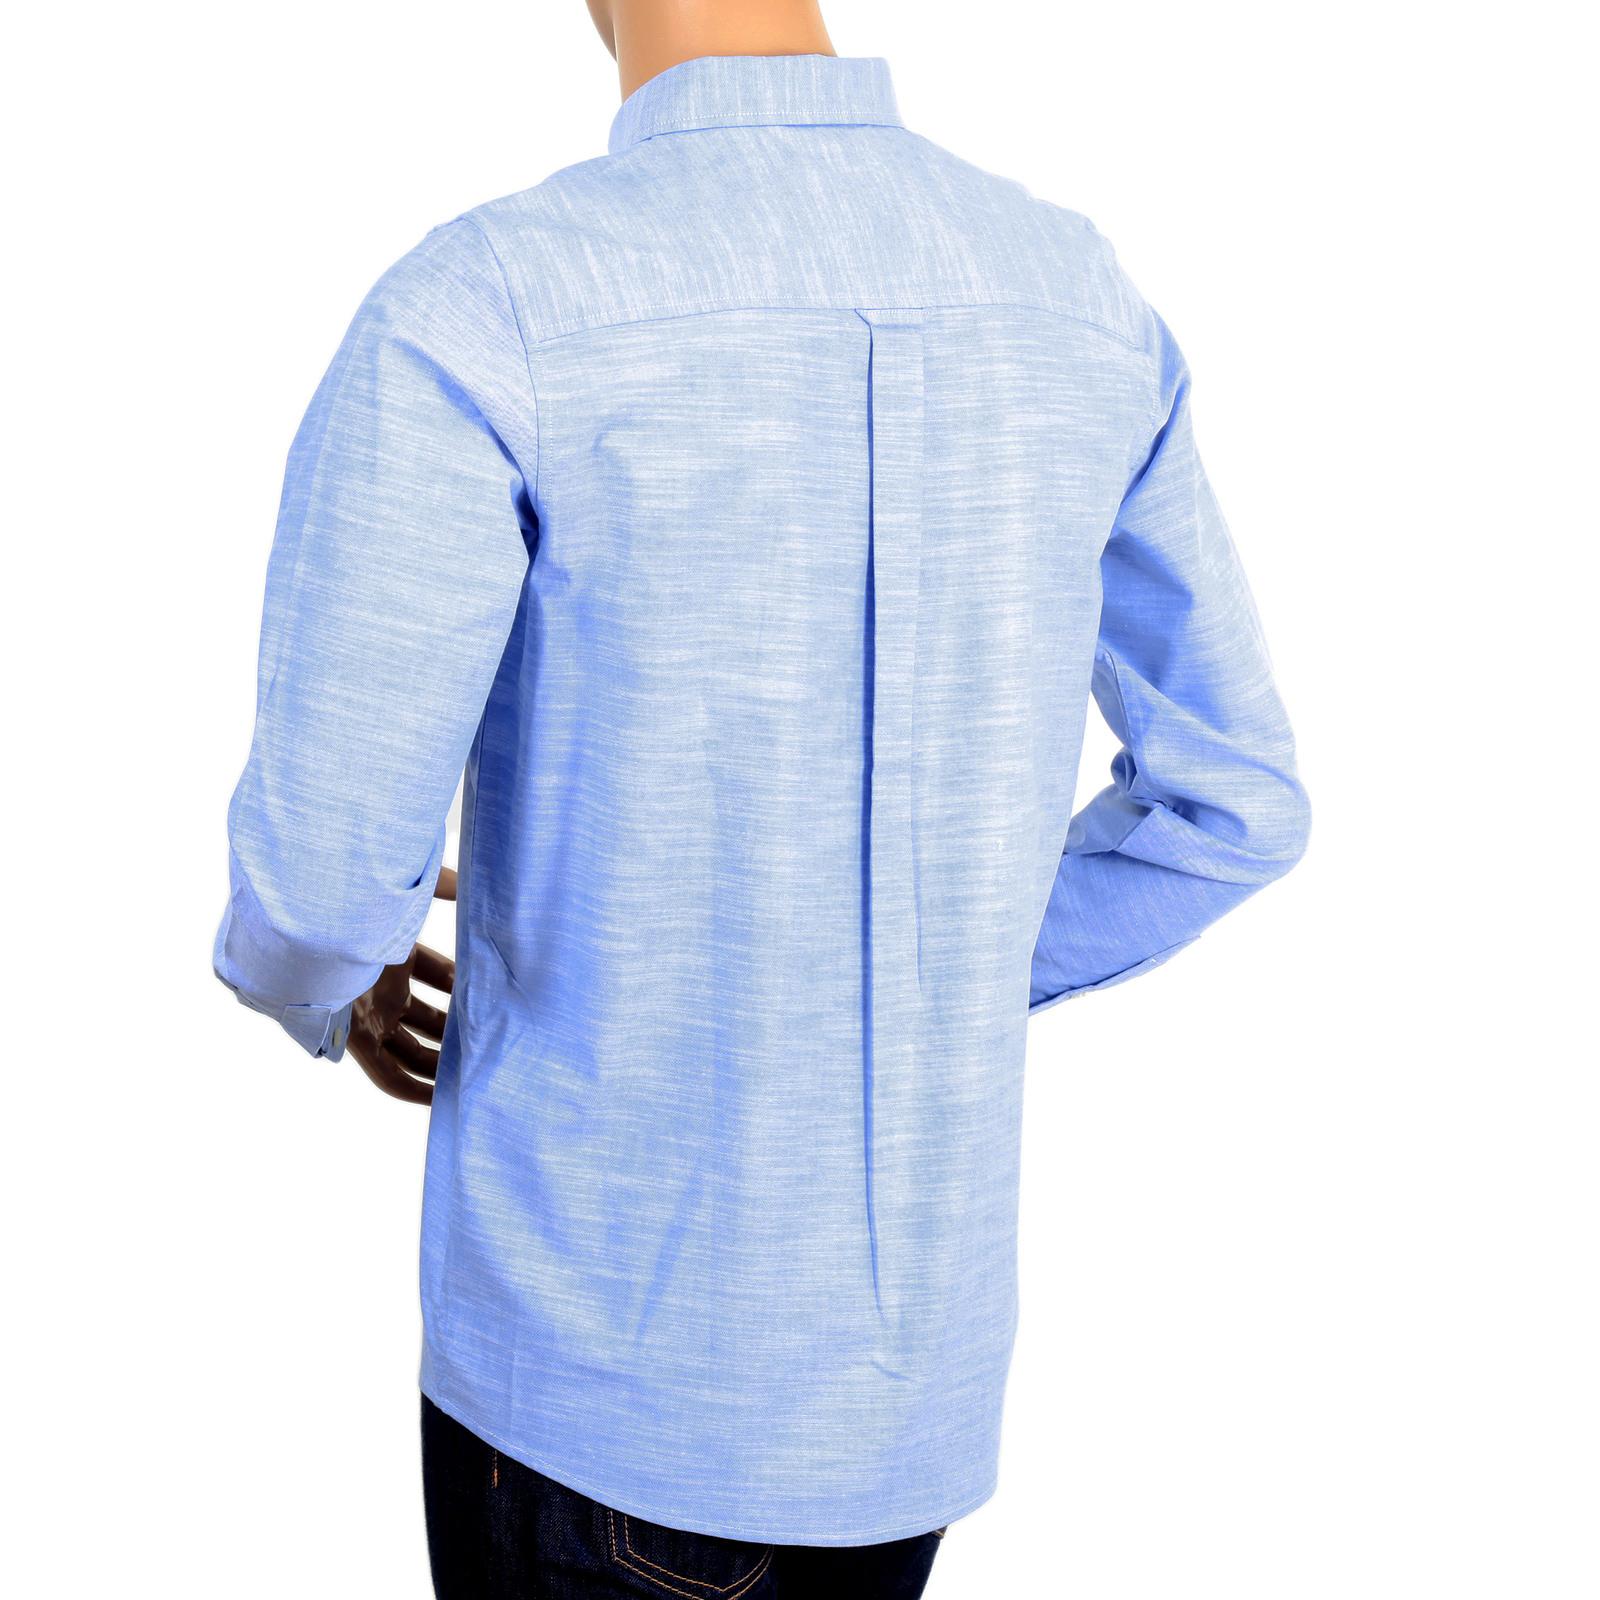 Shop The Carhartt Bleach Cotton Shirt Online Today